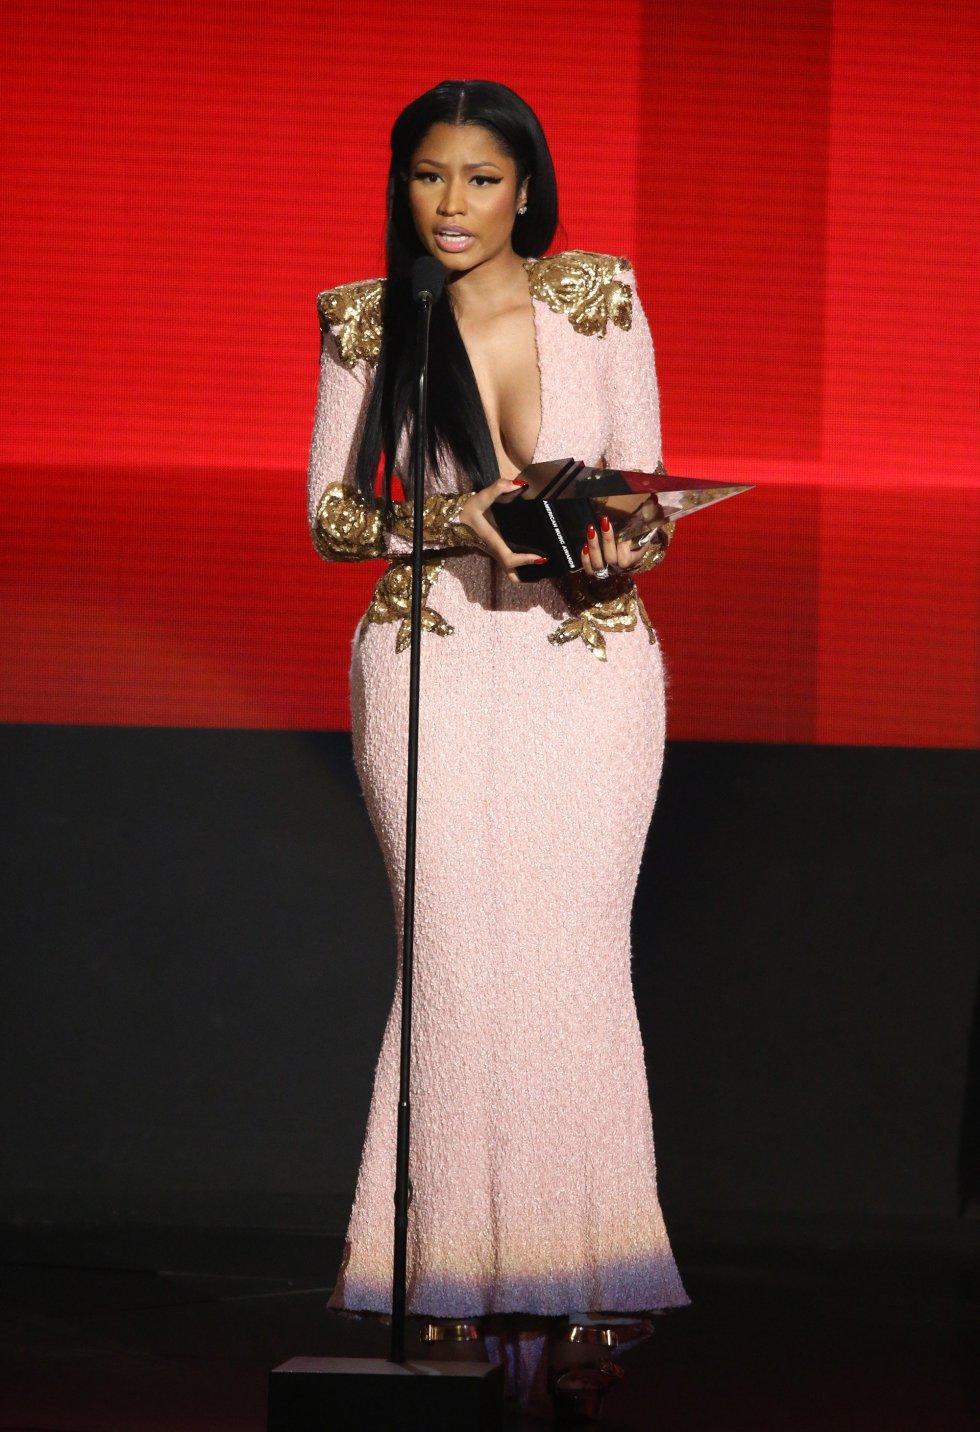 Nicki Minaj, en el escenario de los American Music Awards 2015.